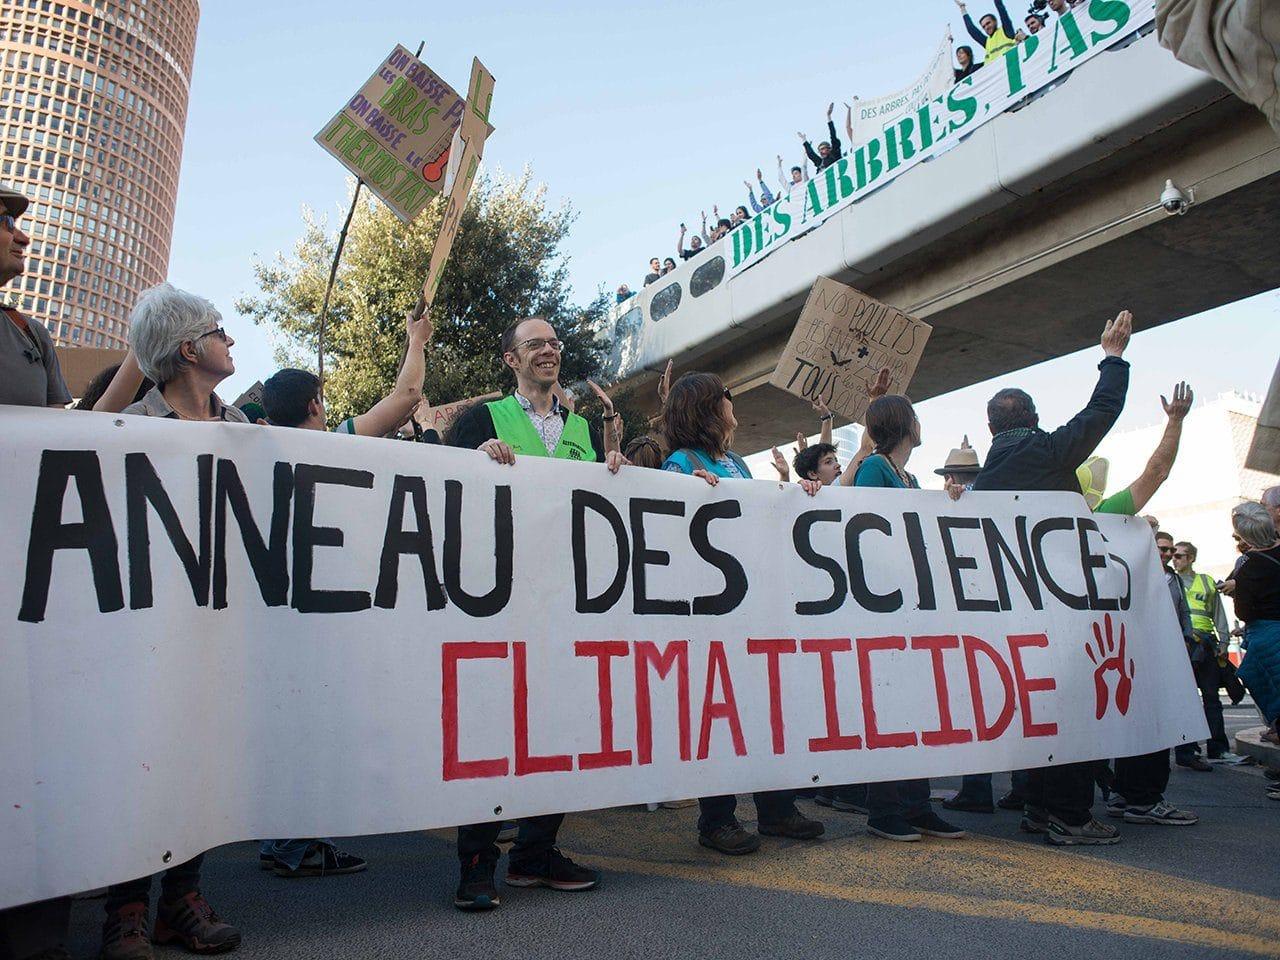 """""""Anneau des sciences"""" climaticide pouvait-on lire sur une banderole le 16 mars lors de la Marche pour le climat à Lyon ©DR"""